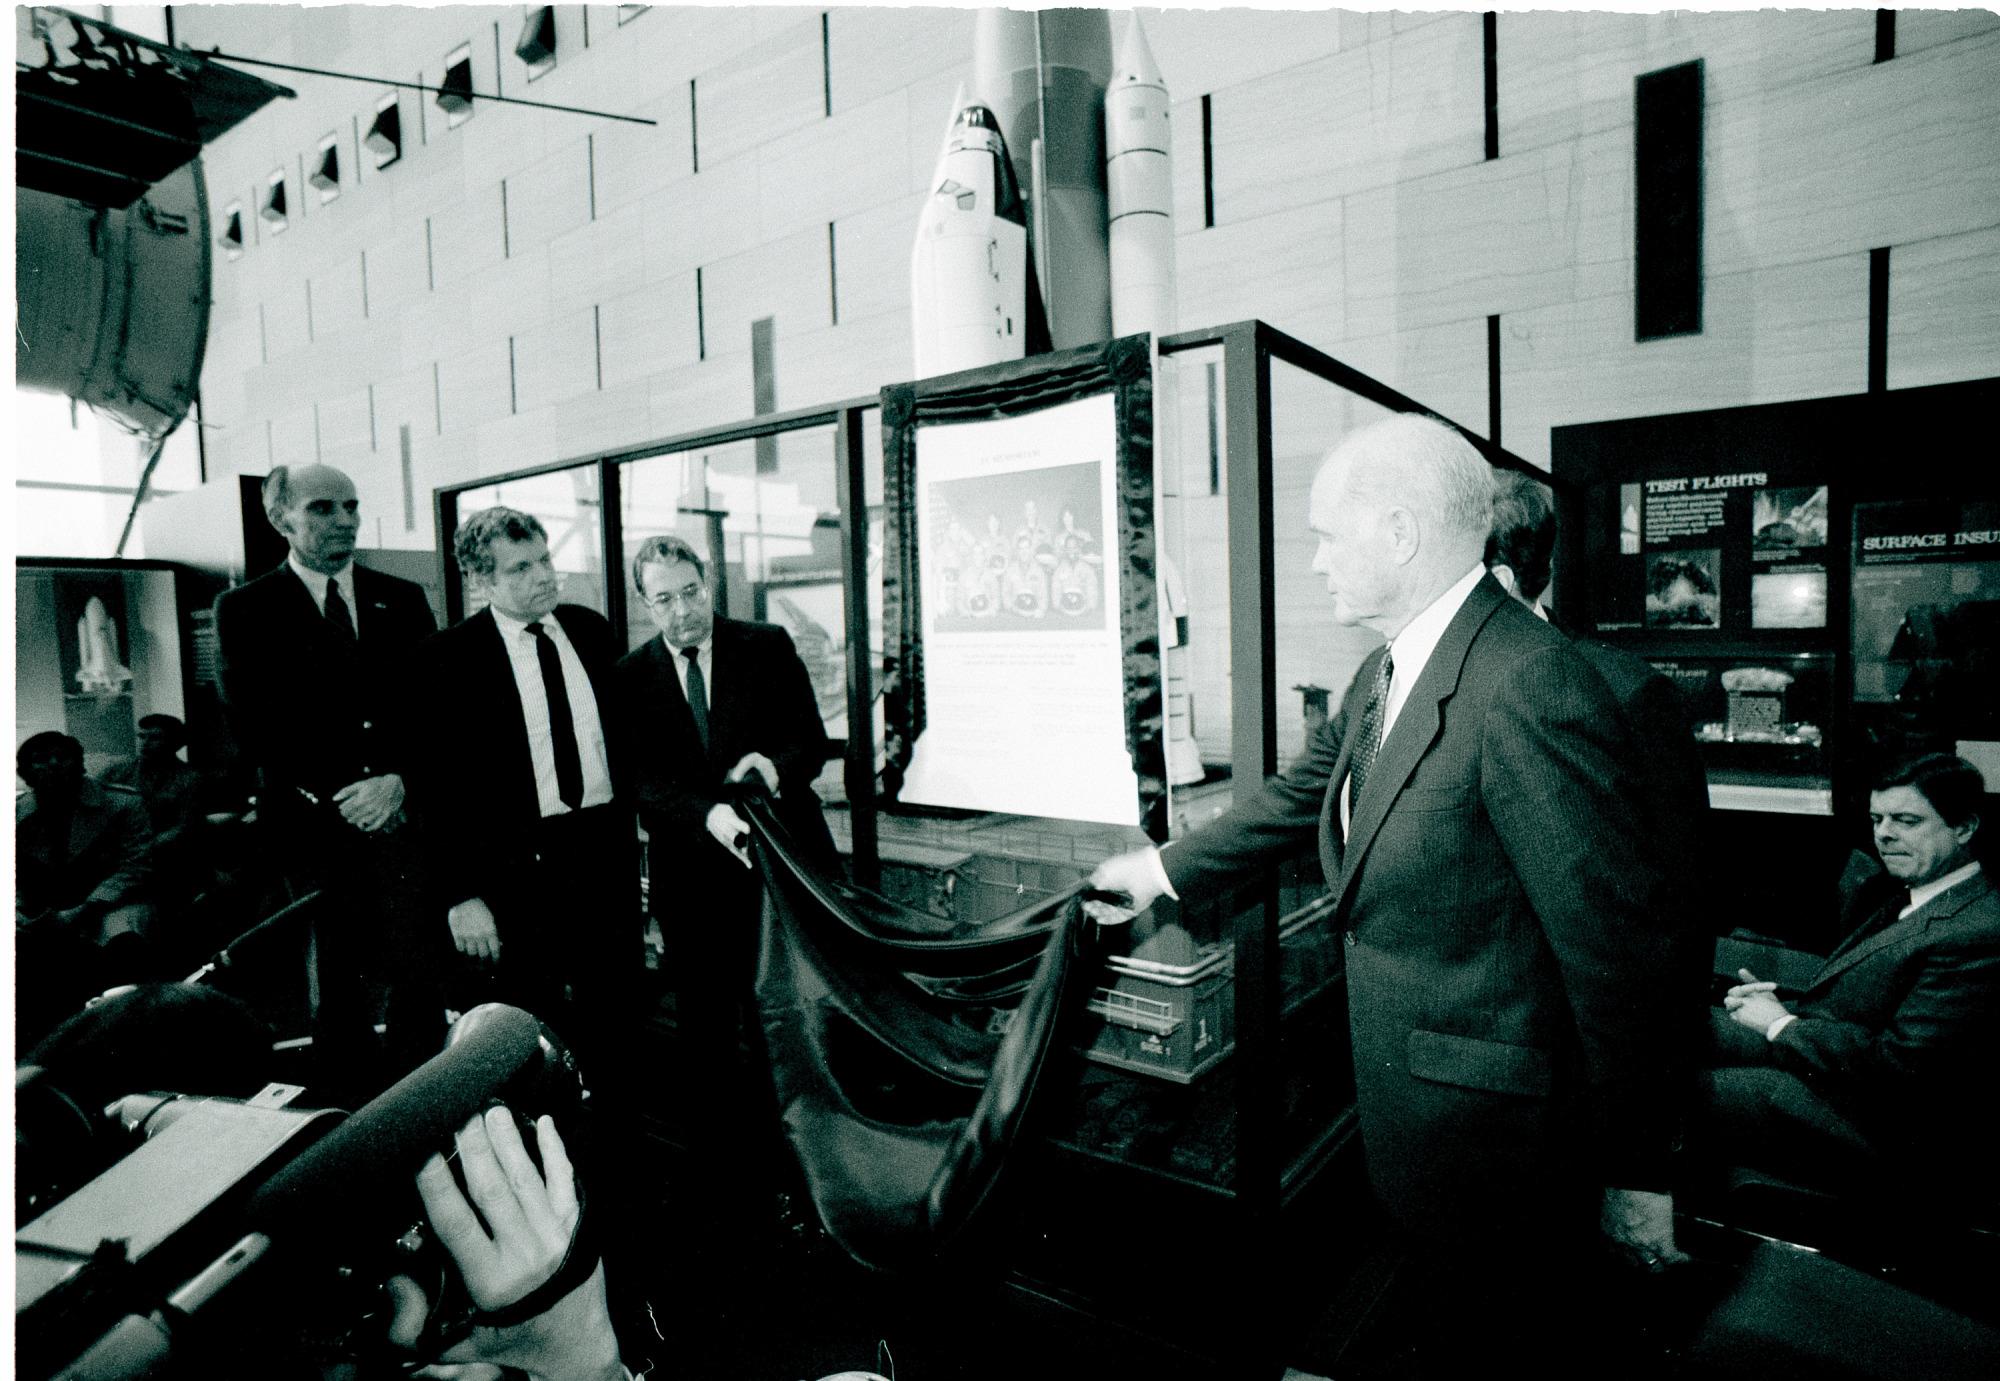 Challenger Astronauts Memorial Plaque, NASM